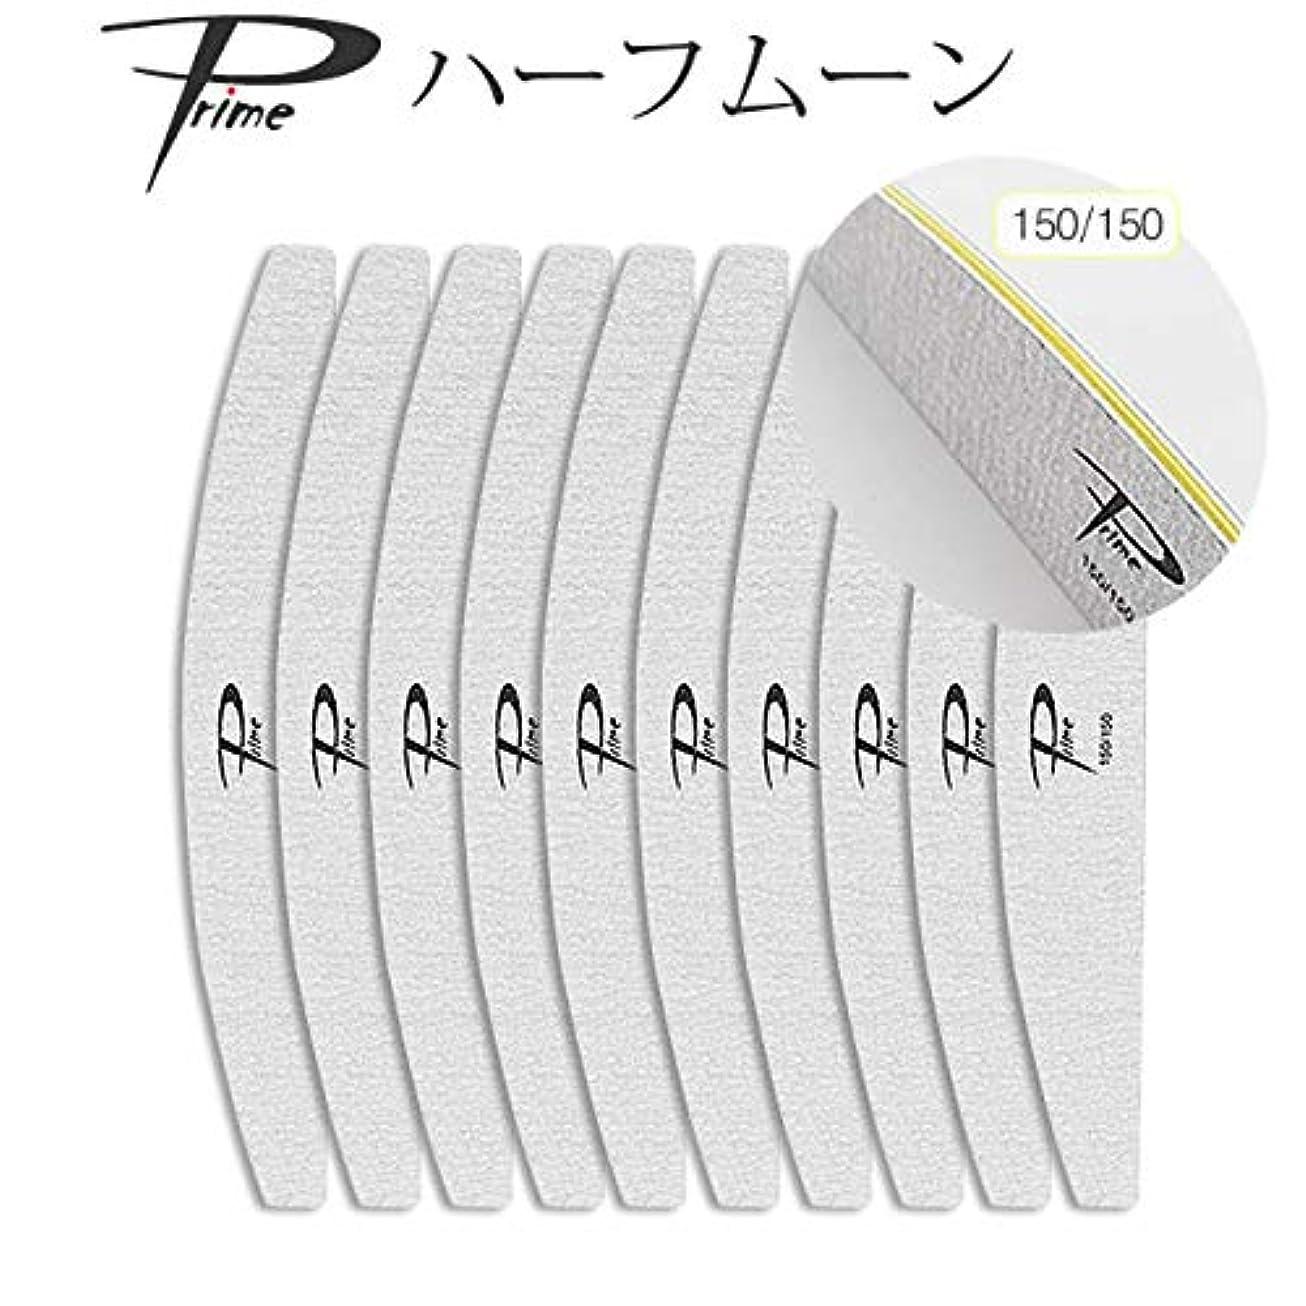 宿進捗忠誠10本セット Prime ハーフムーンファイル 150/150